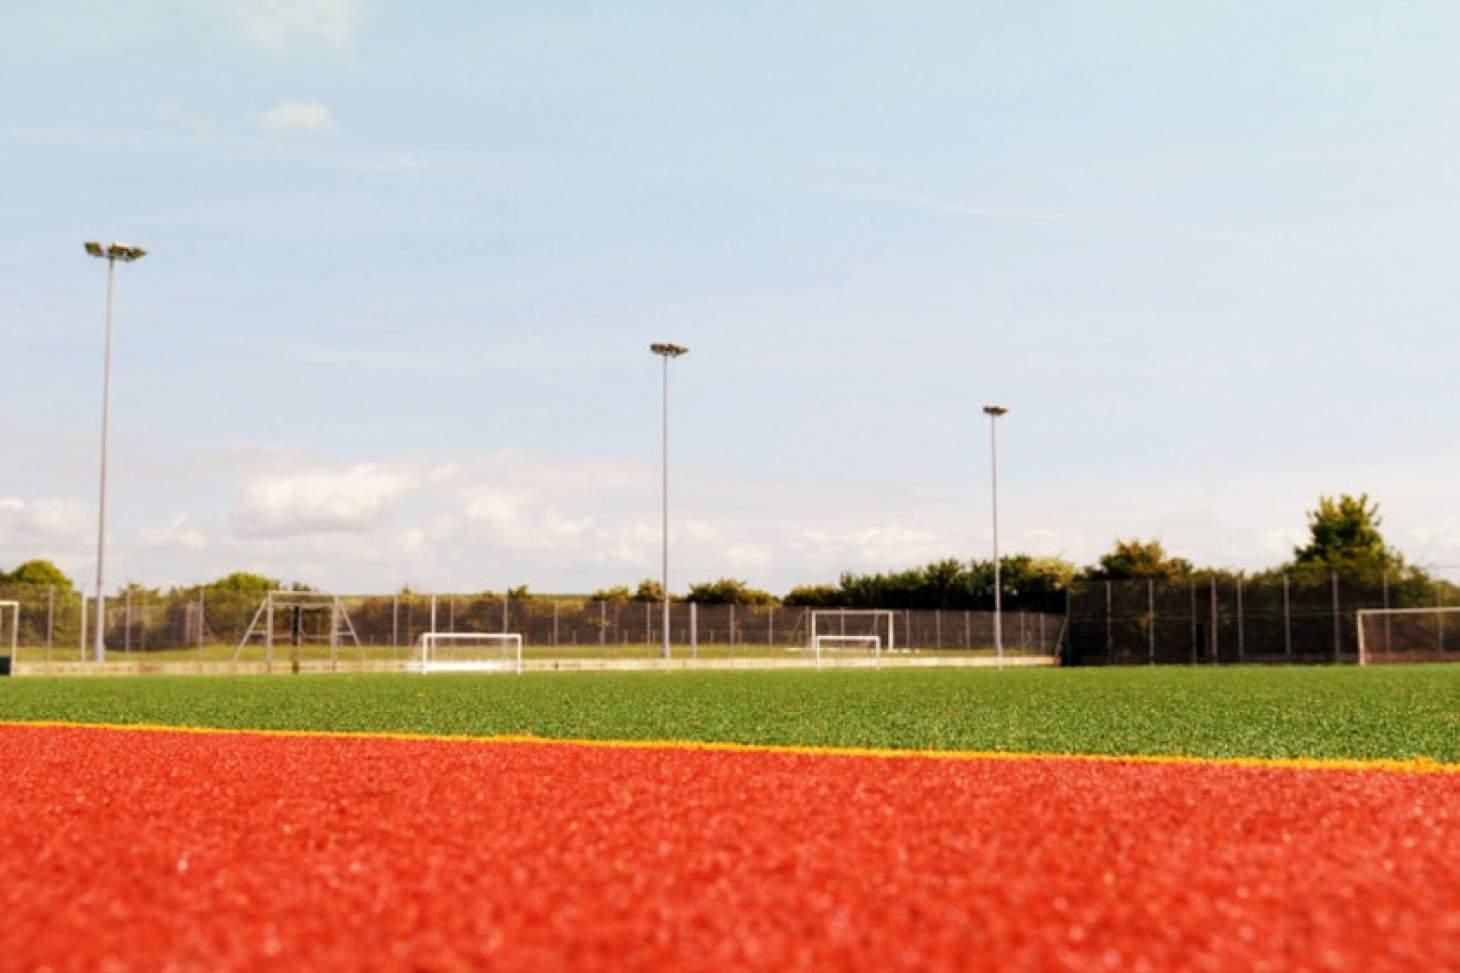 Falmer Sports Complex 6-a-side pitch | 3G Astroturf hockey pitch